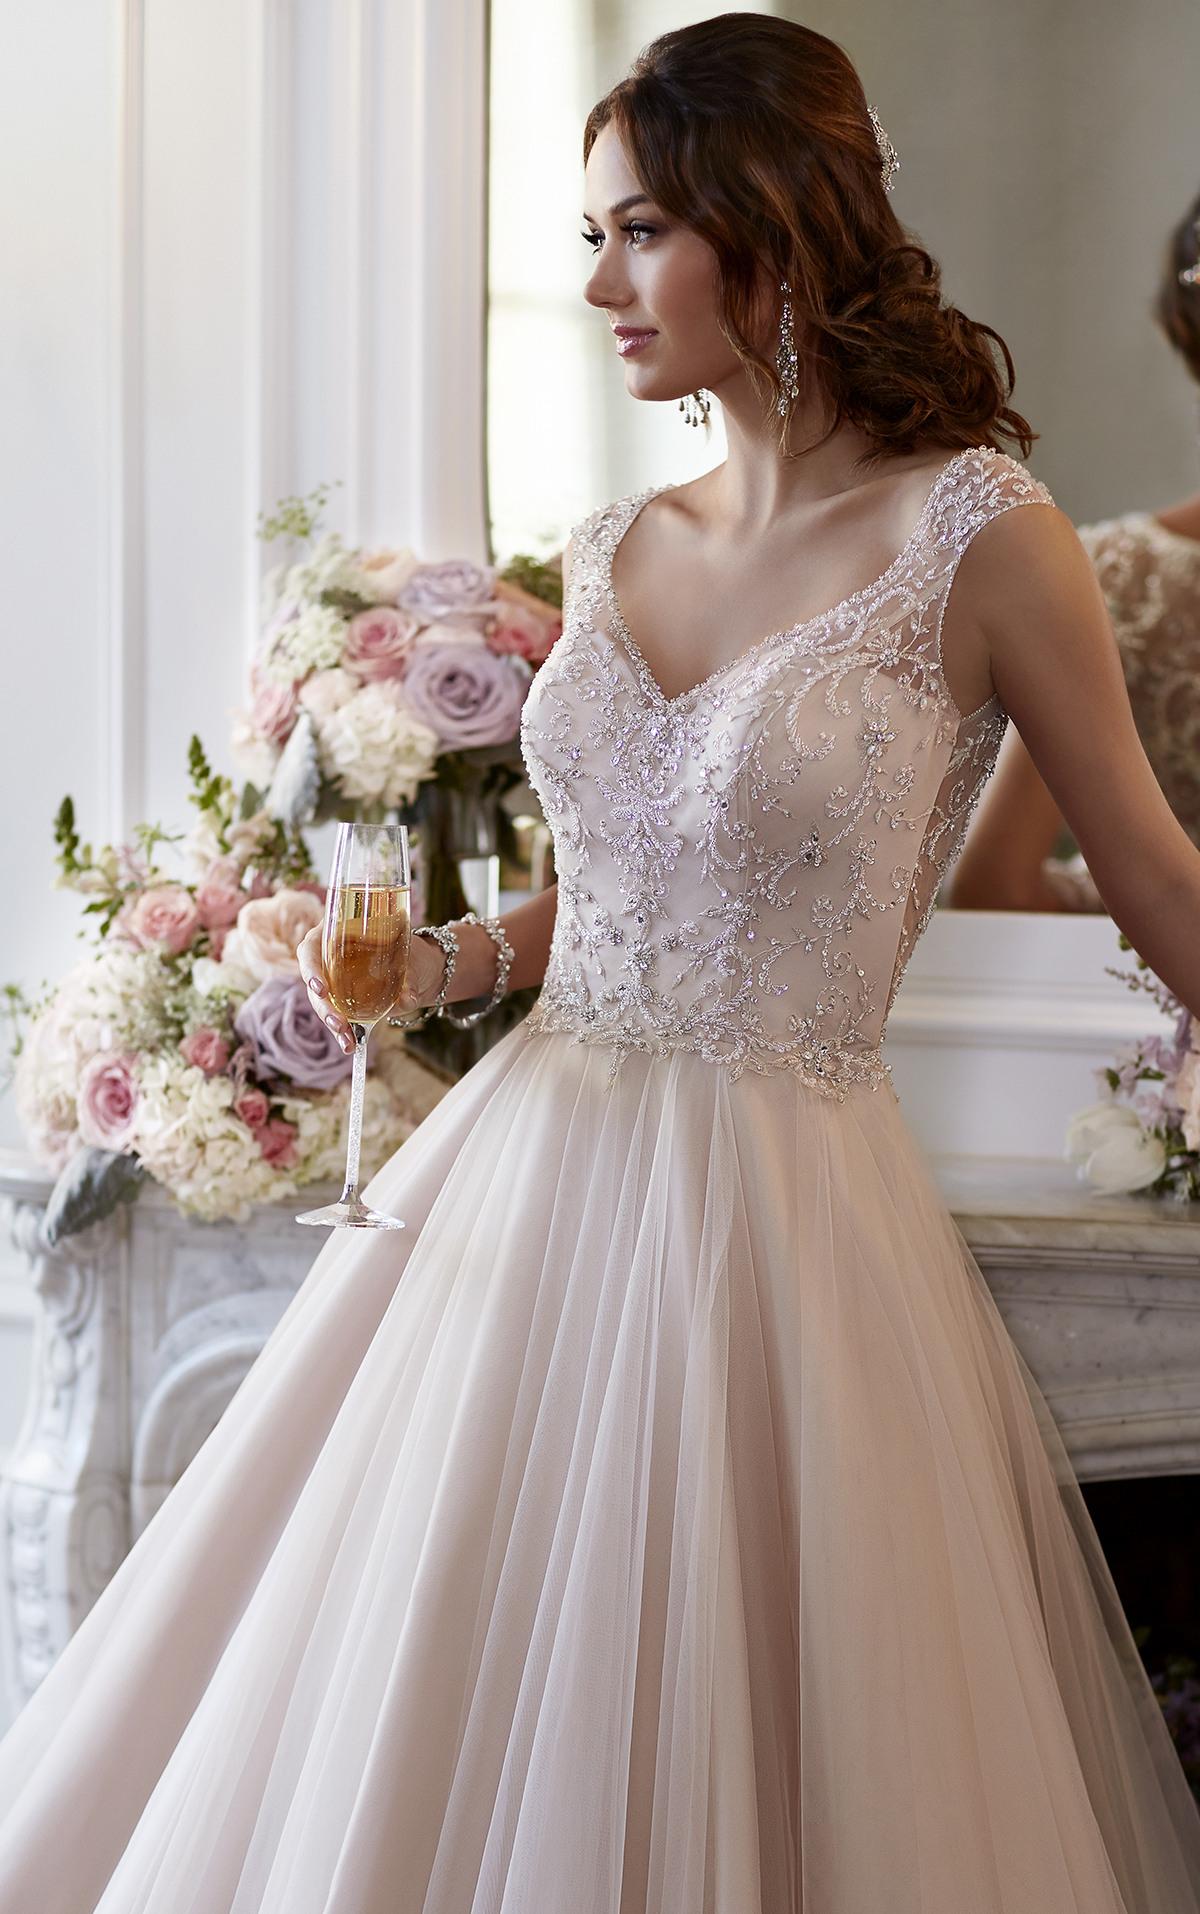 Wedding Dresses  Tulle Aline Wedding Gown  Stella York